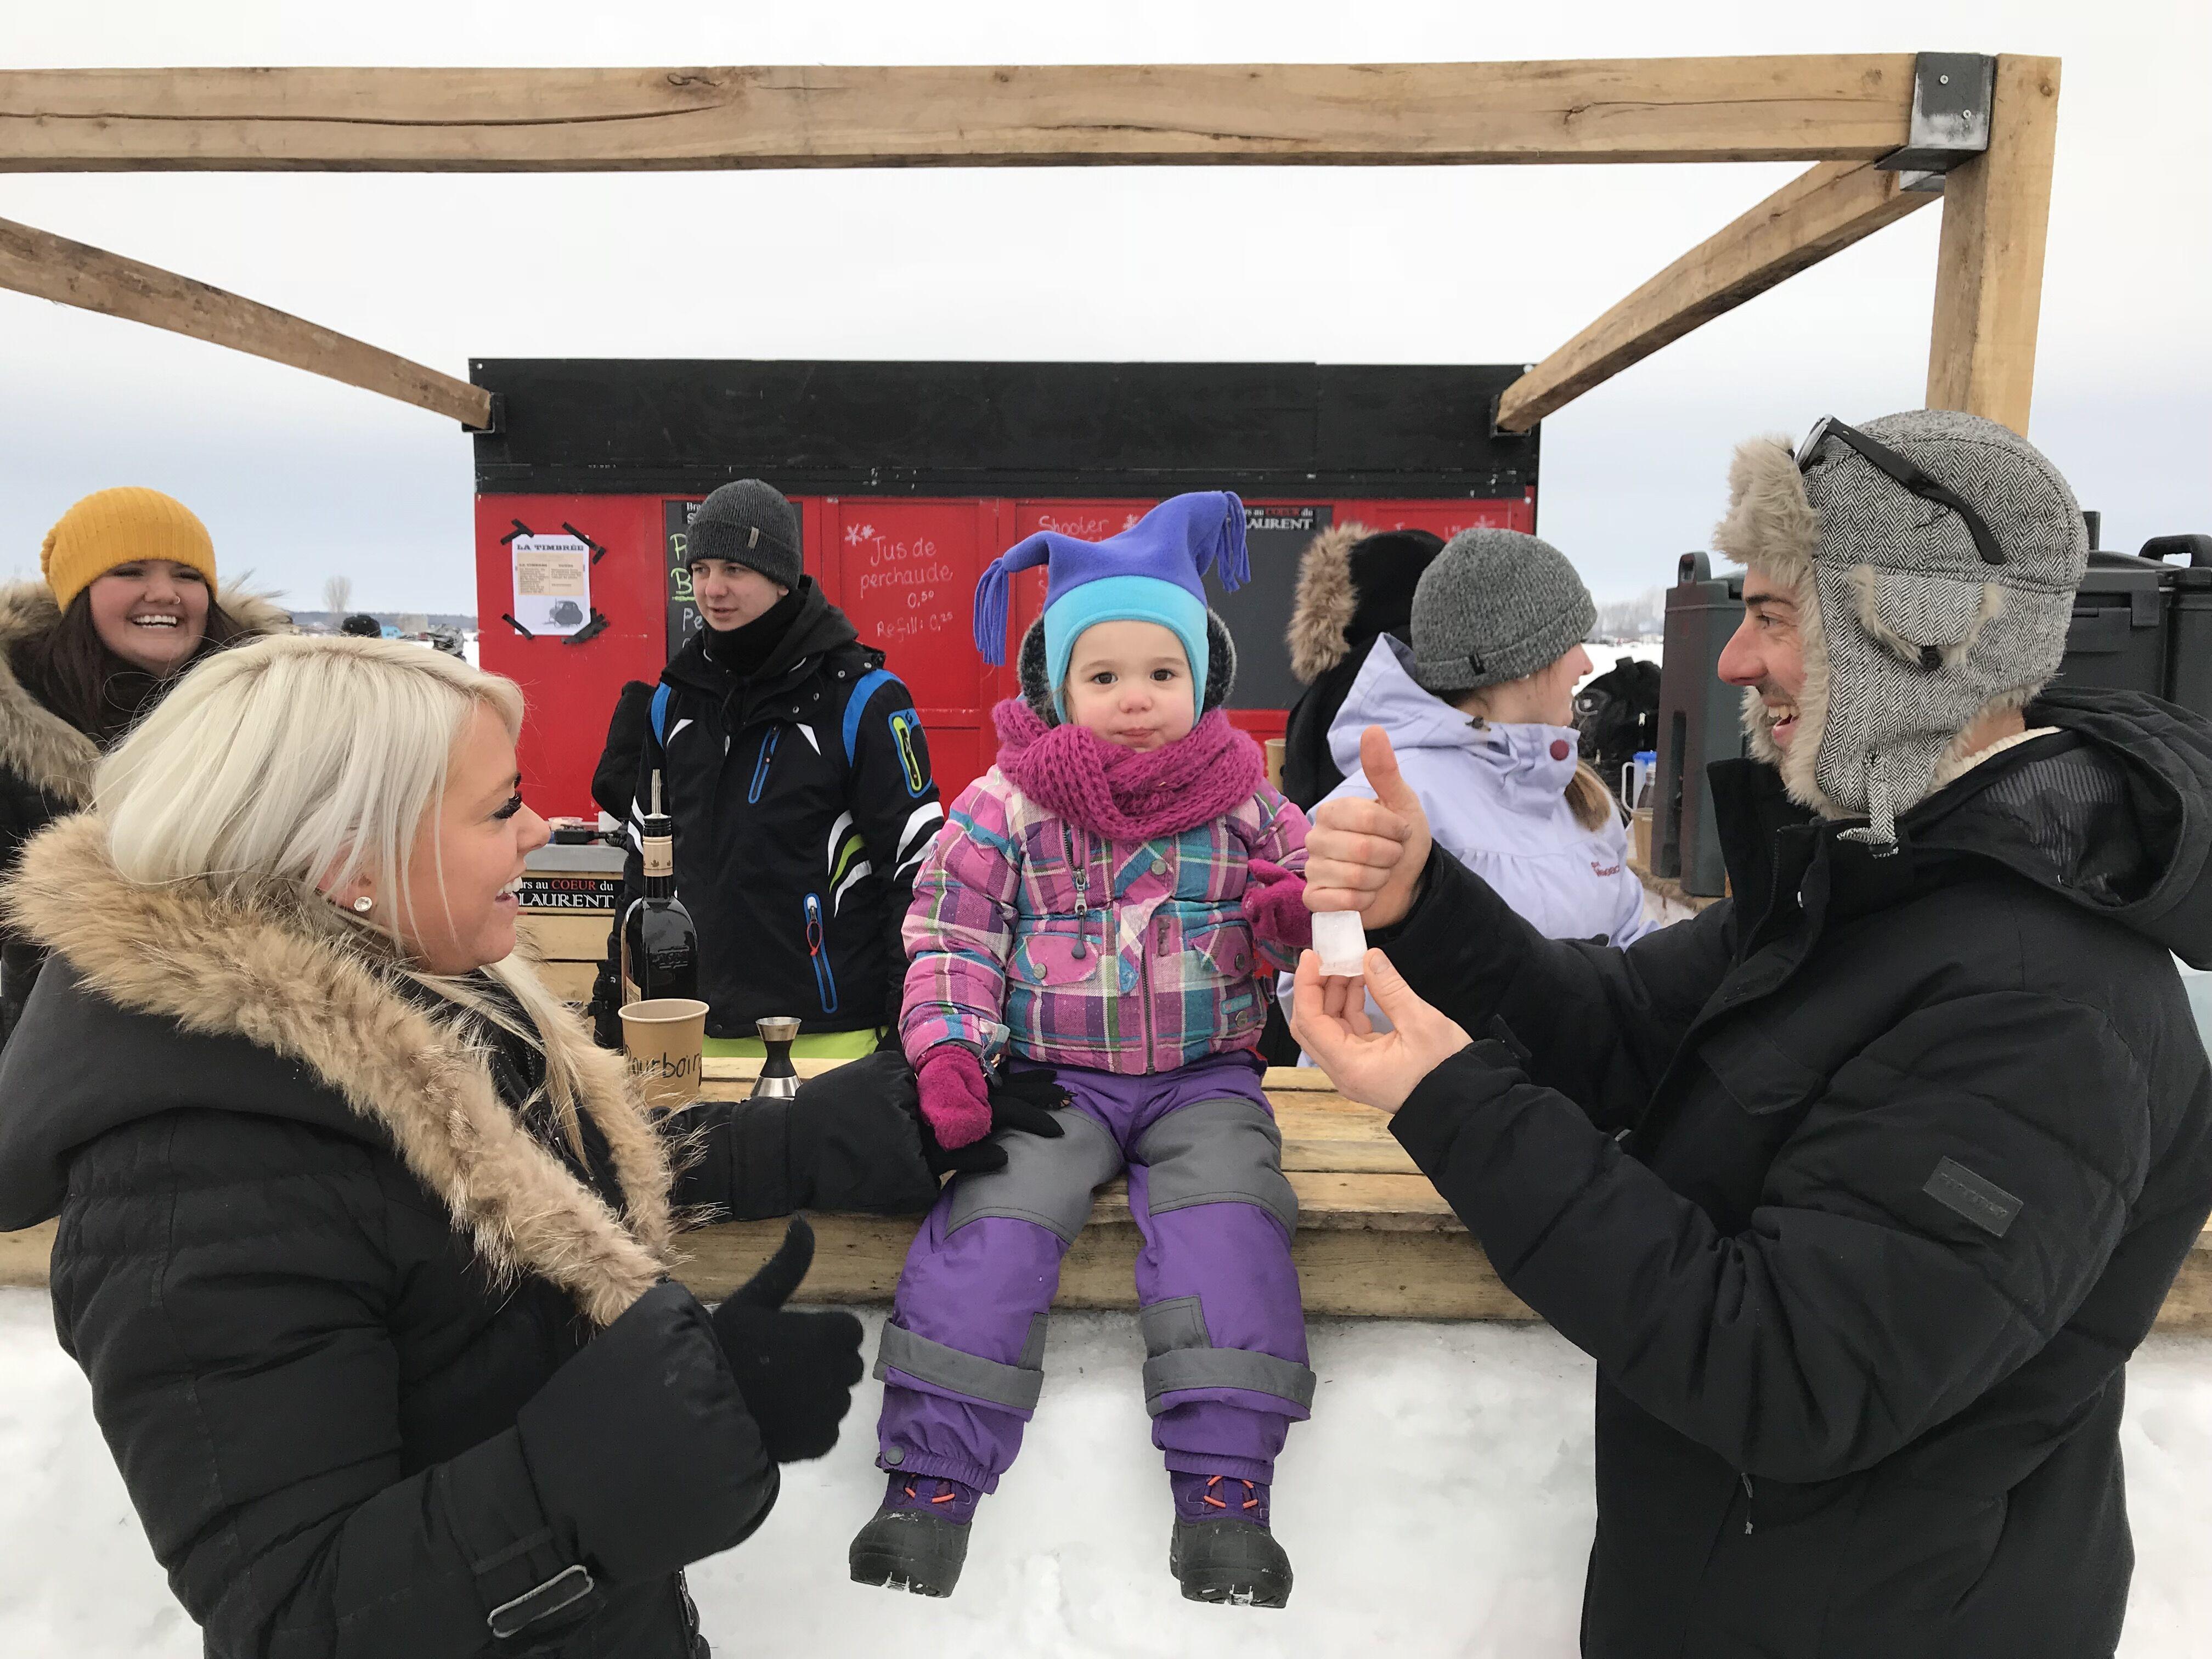 Festival de la brimbale de Contrecœur: la grande fête familiale de la pêche blanche!